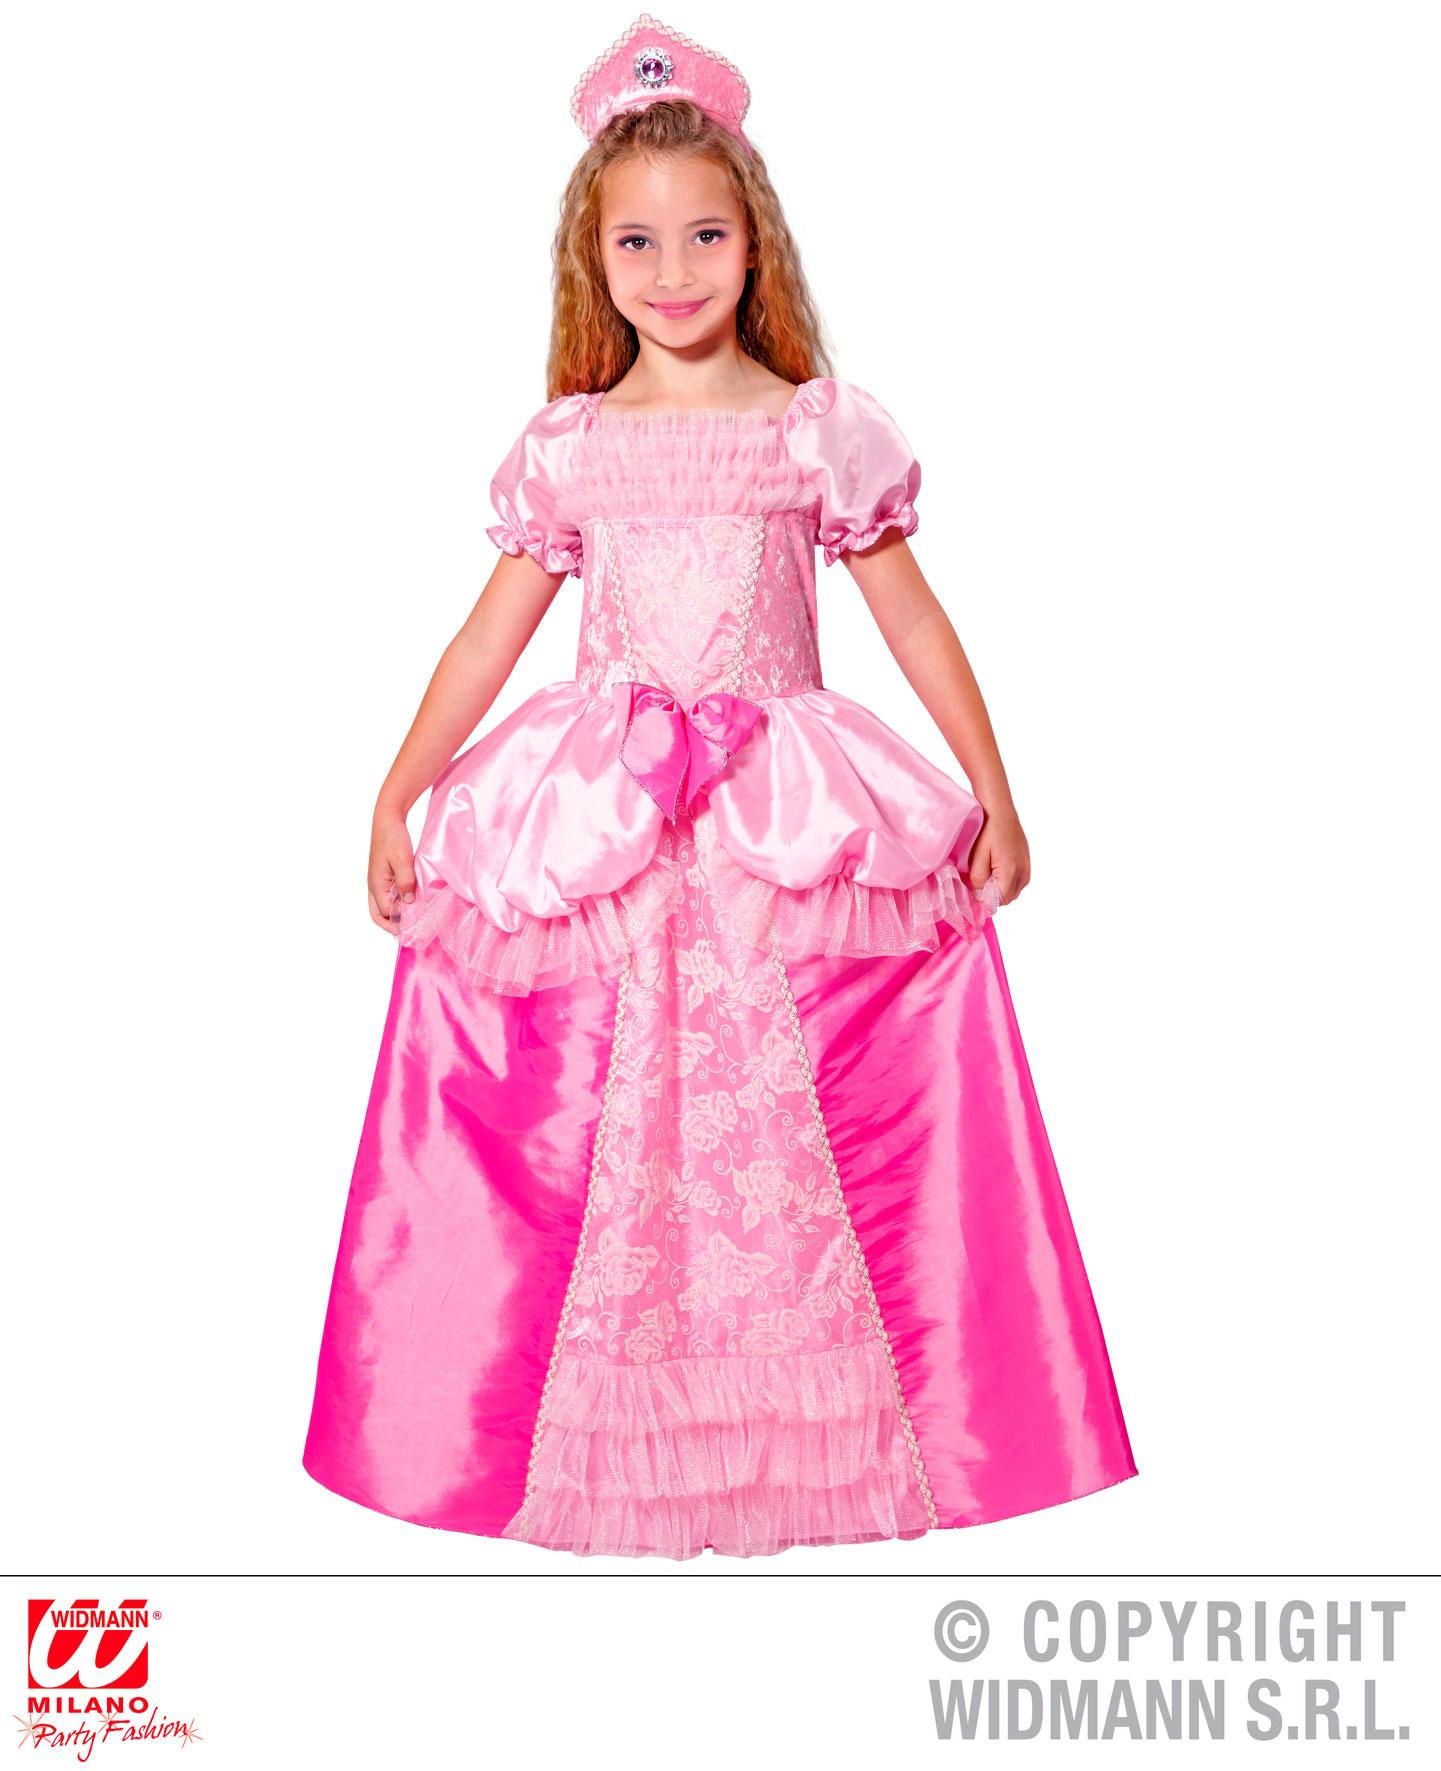 Prinzessin Kleid mit Kopfschmuck rosa - pink Gr. 140 cm 8 ...